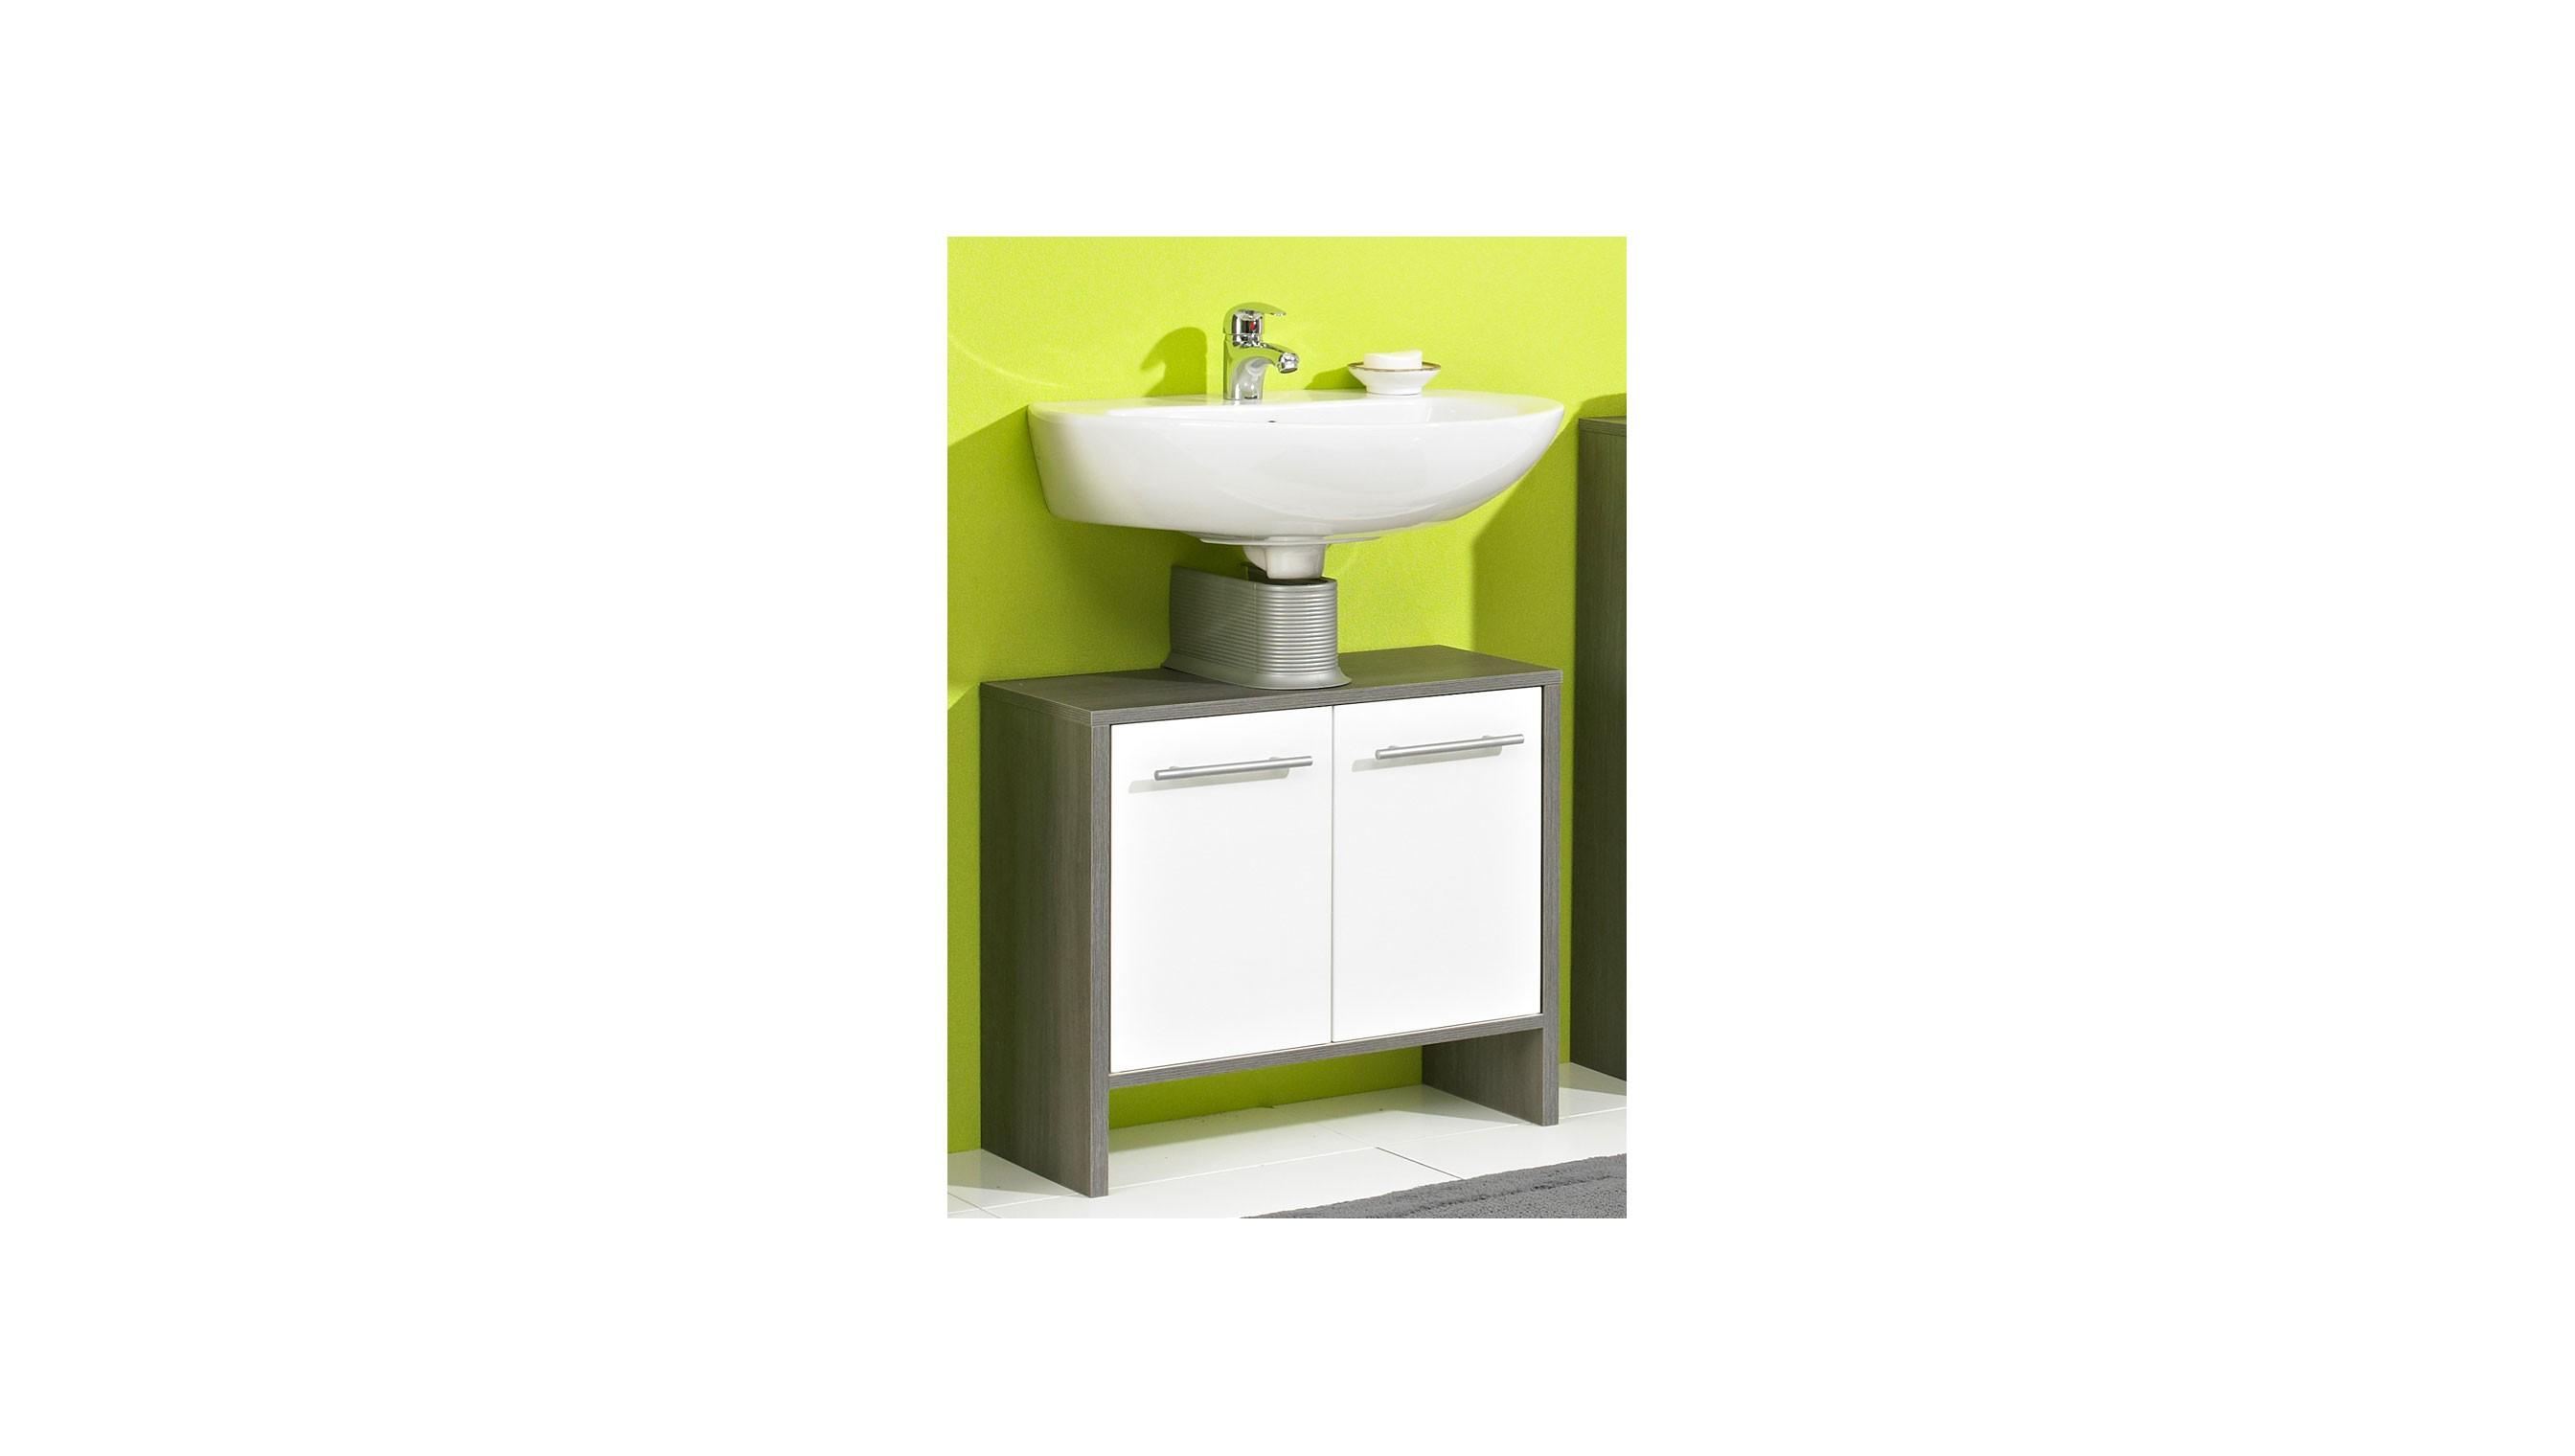 Waschbeckenunterschrank graphit - Spilger´s Sparmaxx